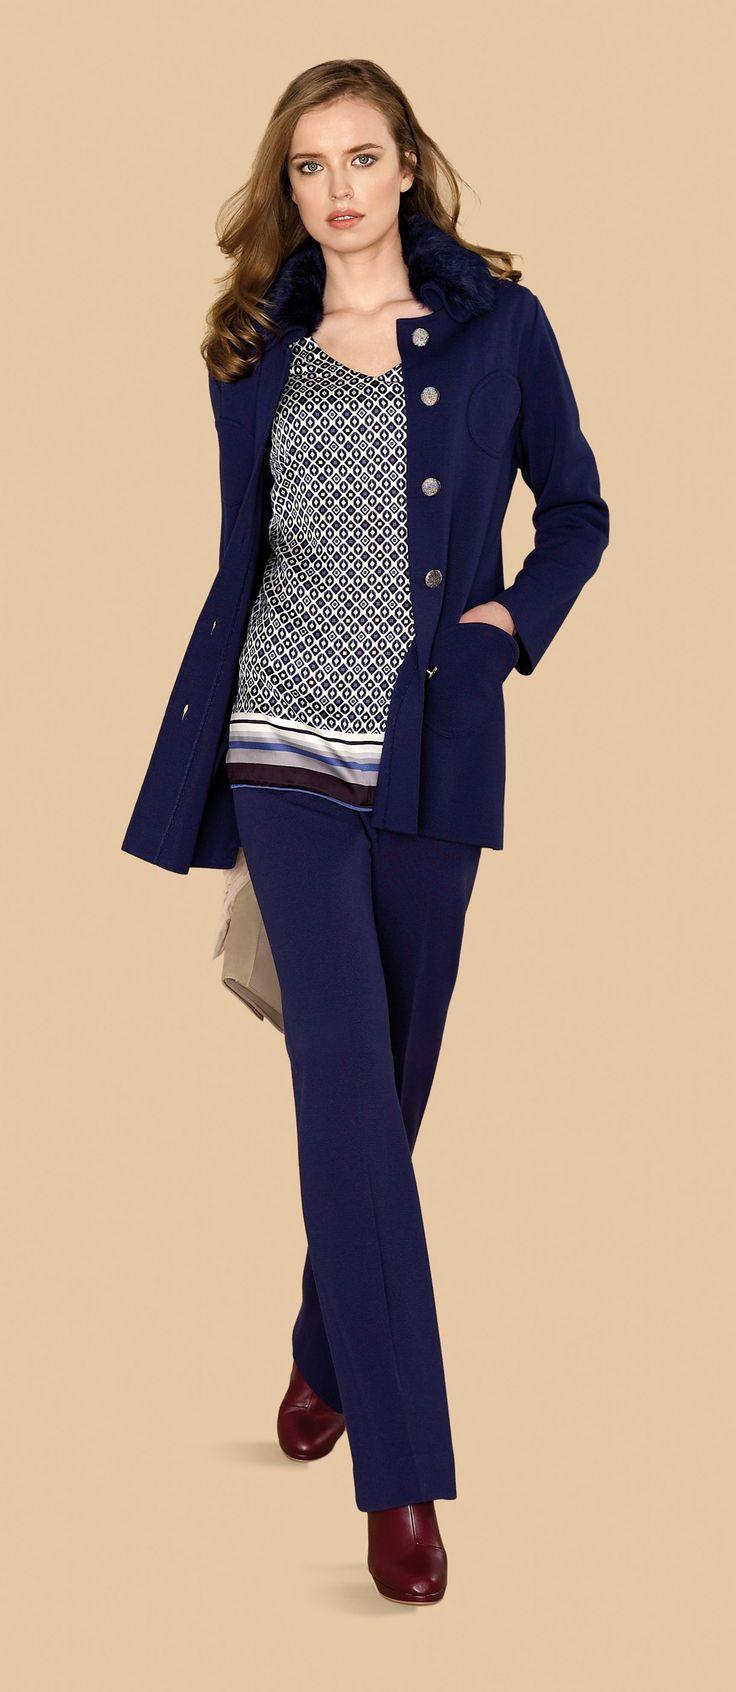 Pantalón azul marino con chaqueta tres cuartos a juego y jersey estampado #trend #fall #winter #2013